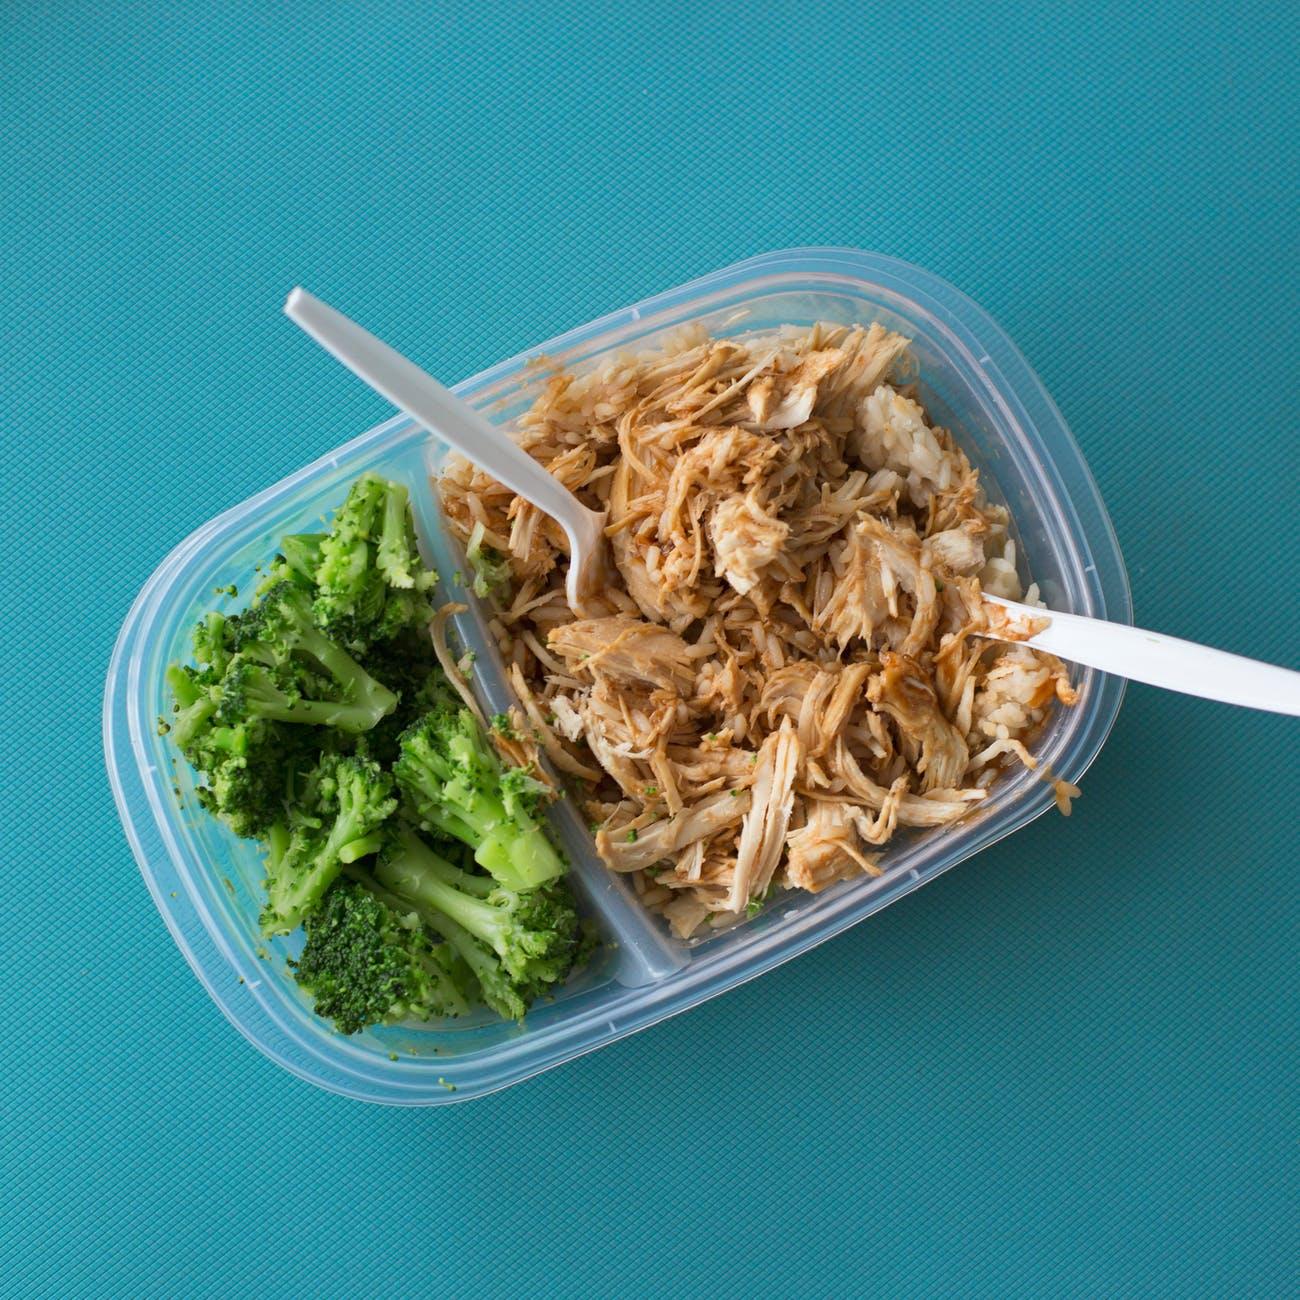 food healthy meal prep tupperwear